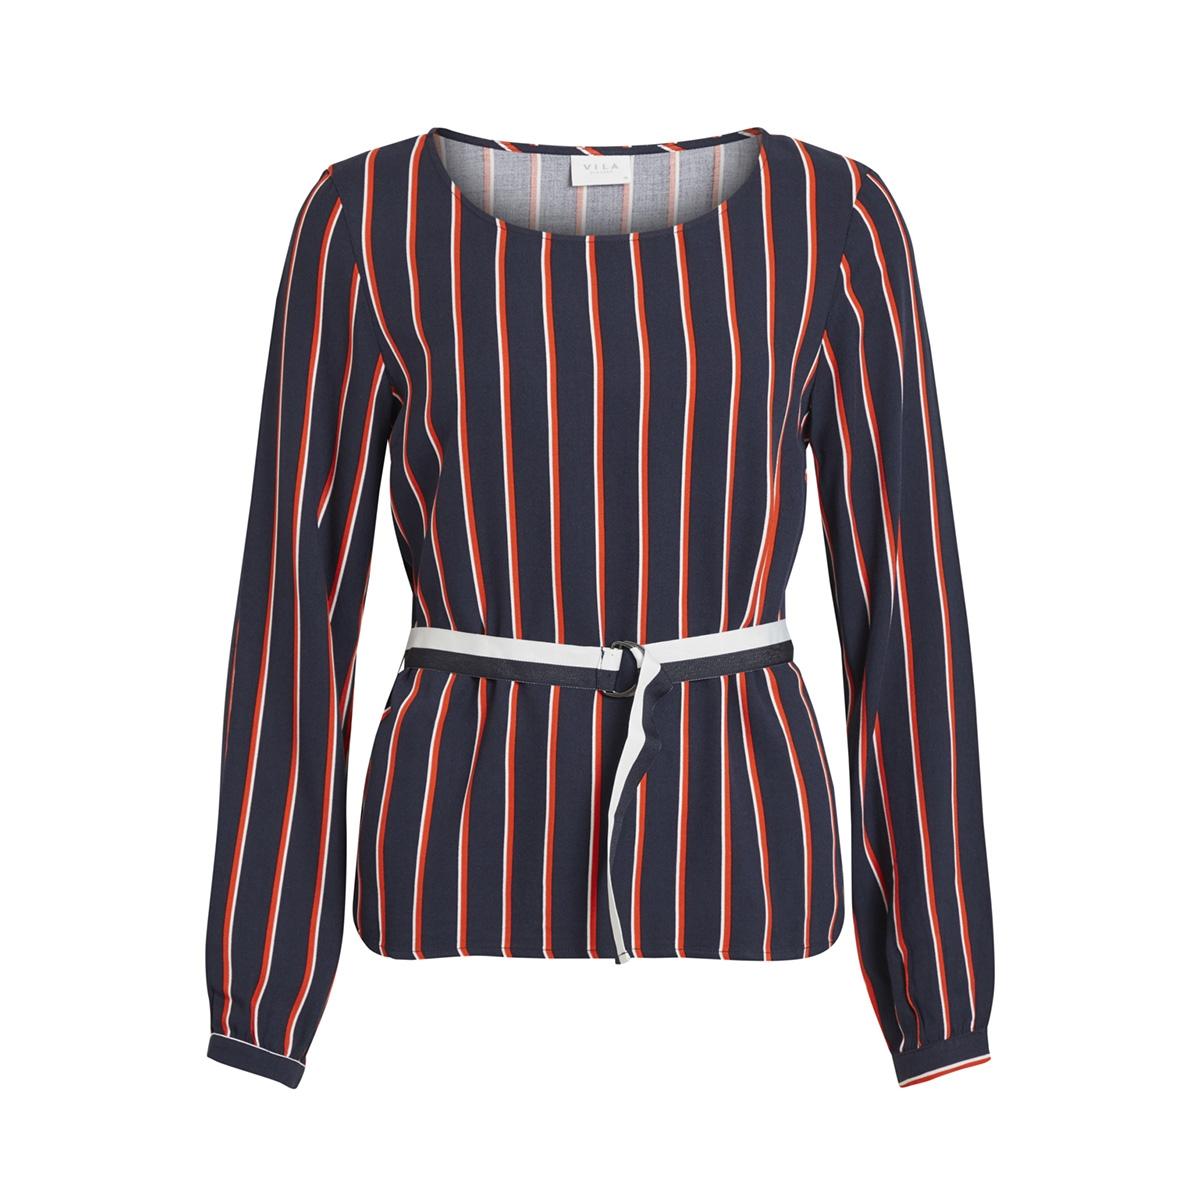 visezu trackie l/s top 14051894 vila blouse navy blazer/trackie